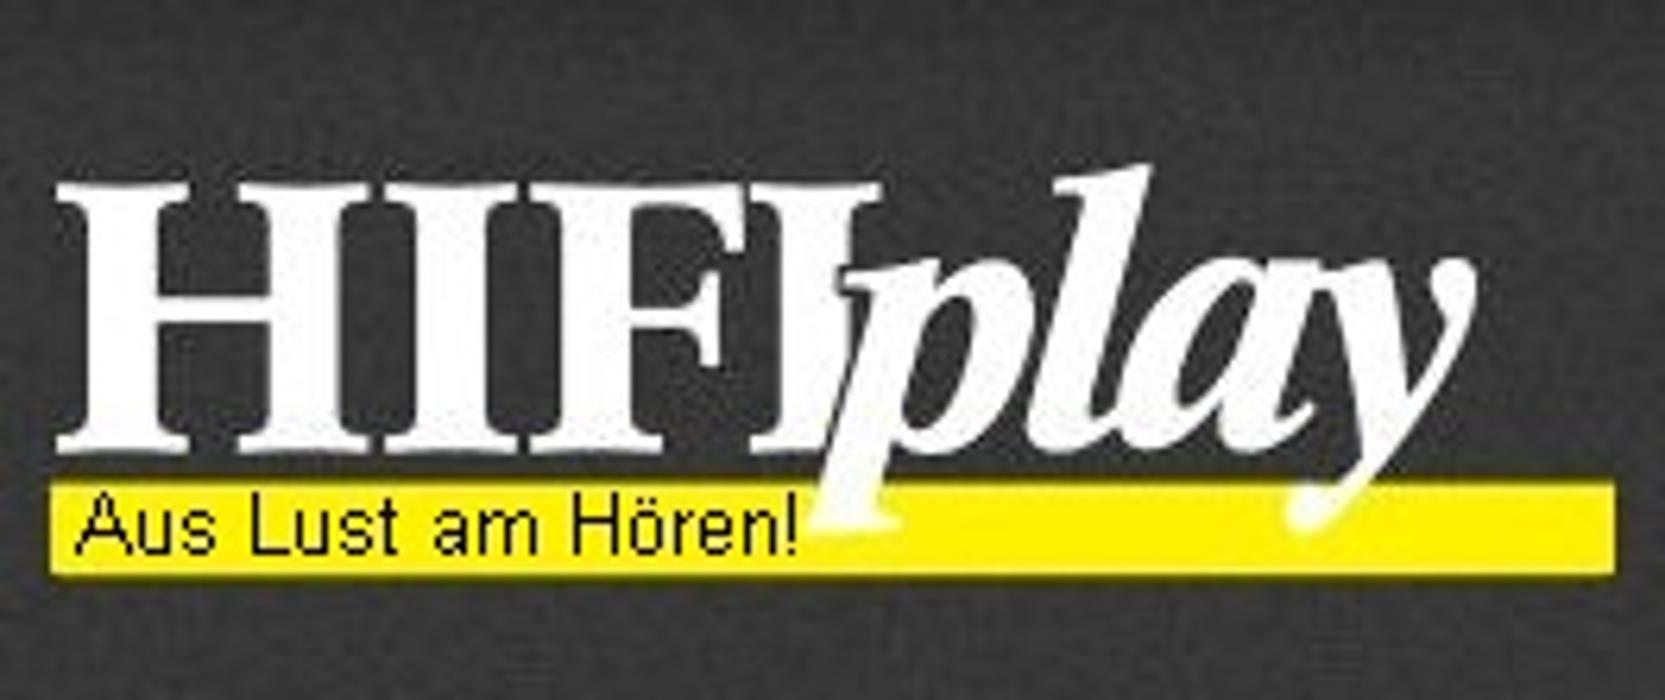 HIFIplay Ihr HiFi und High End Spezialist in Berlin